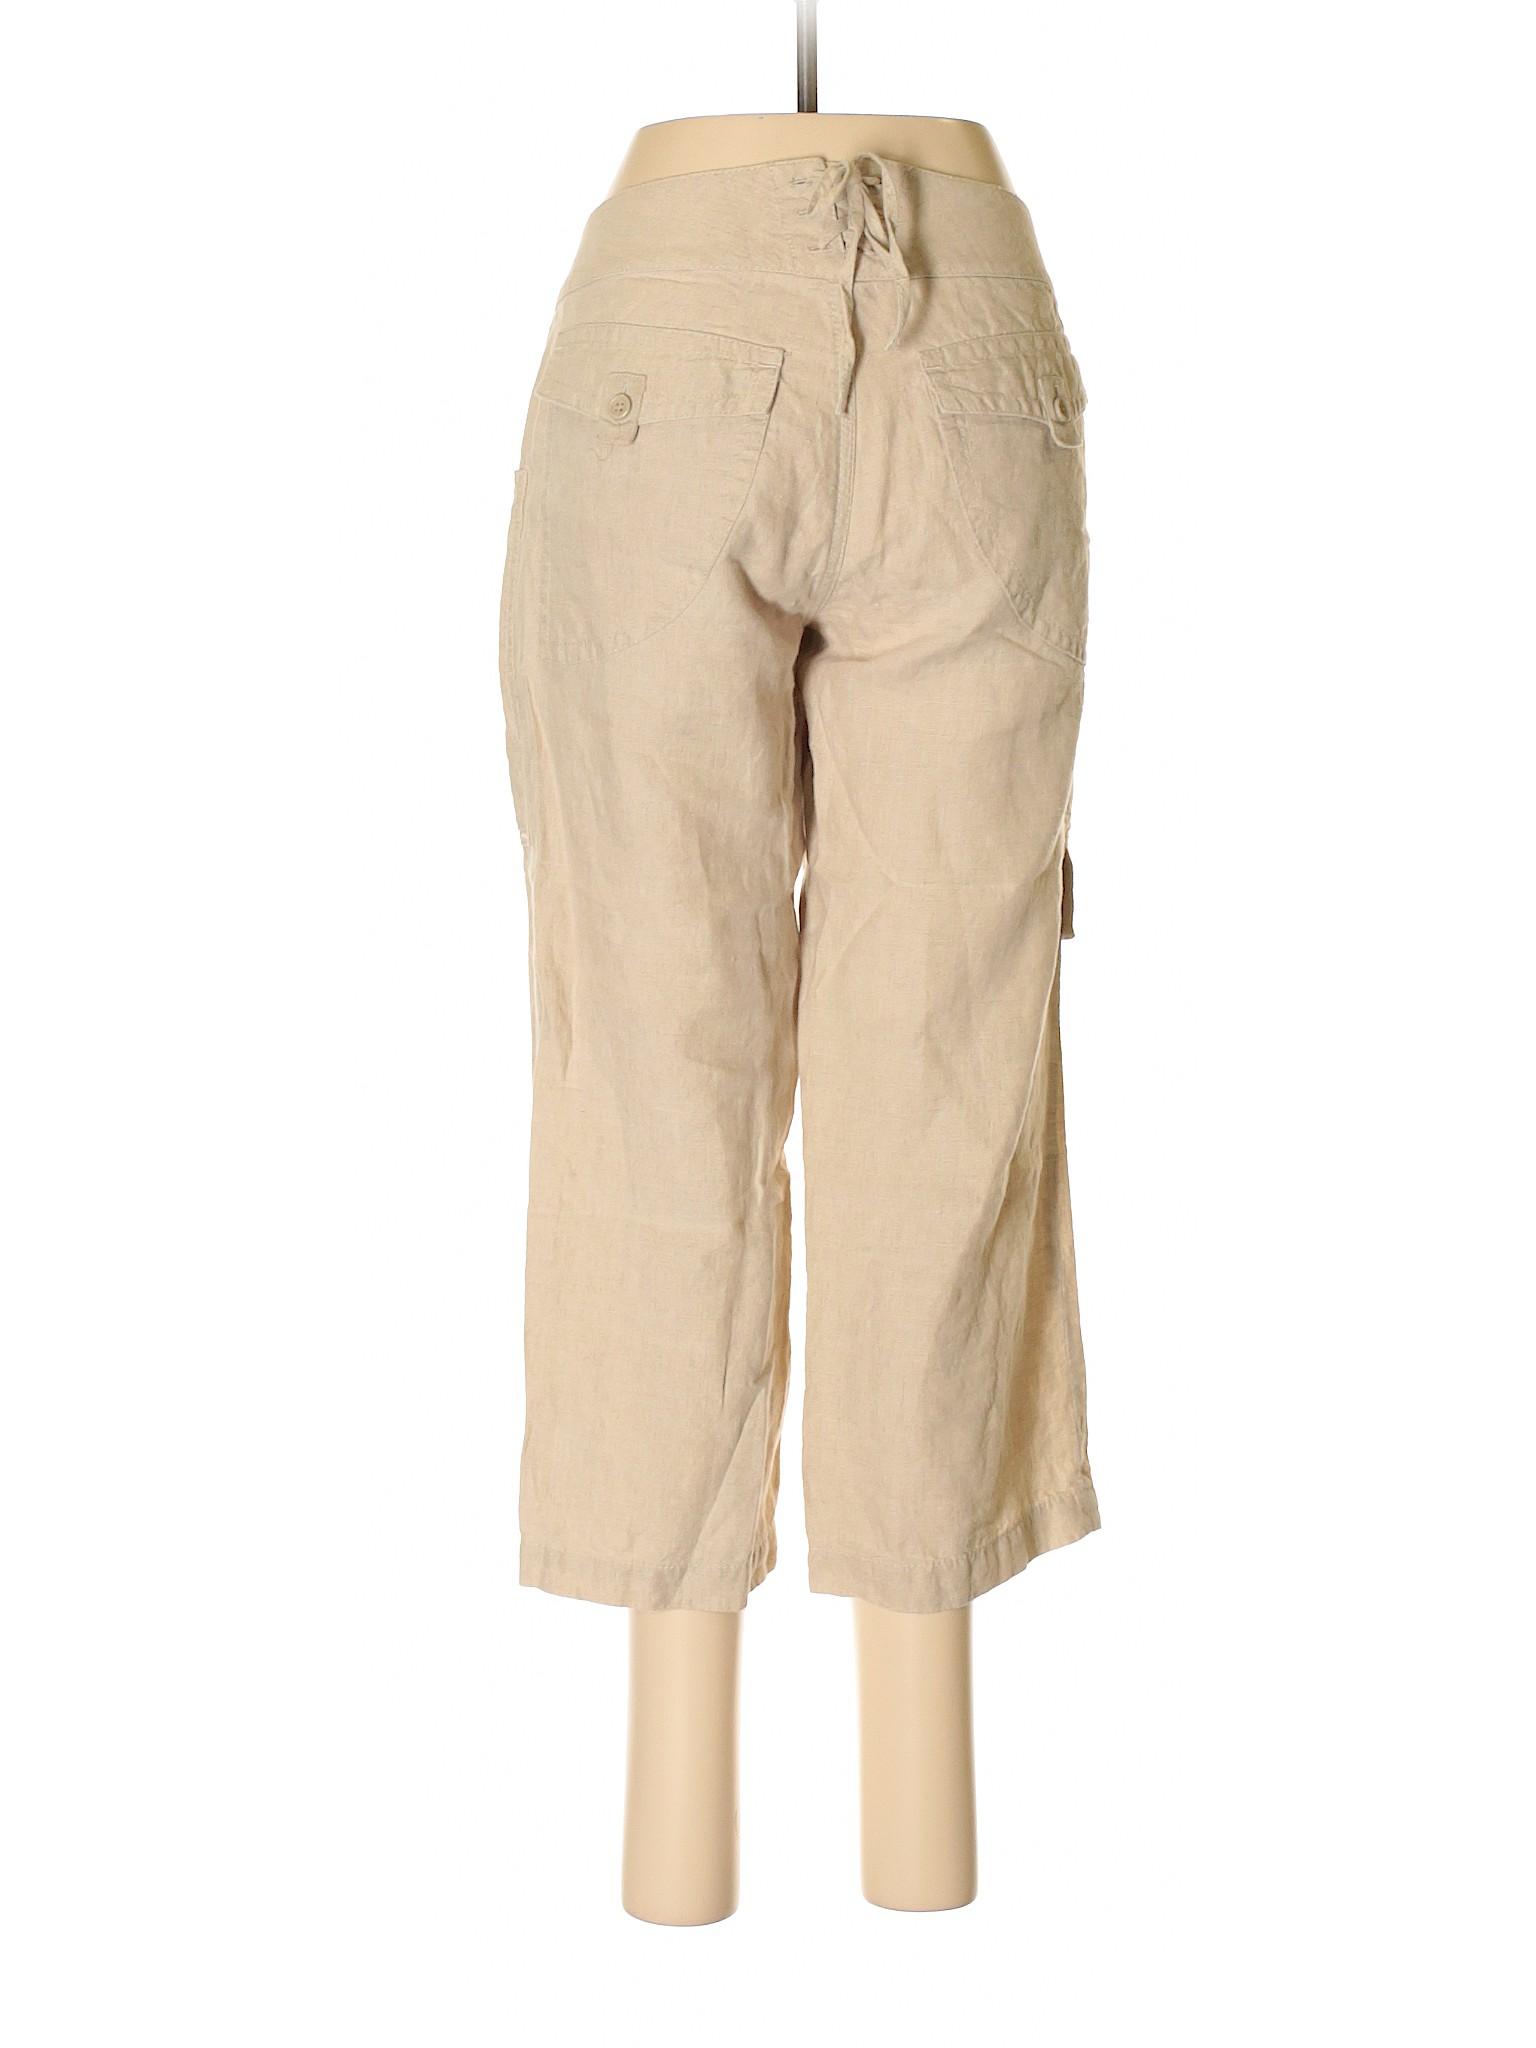 leisure Boutique Express leisure Casual Pants Boutique REBwxUw0